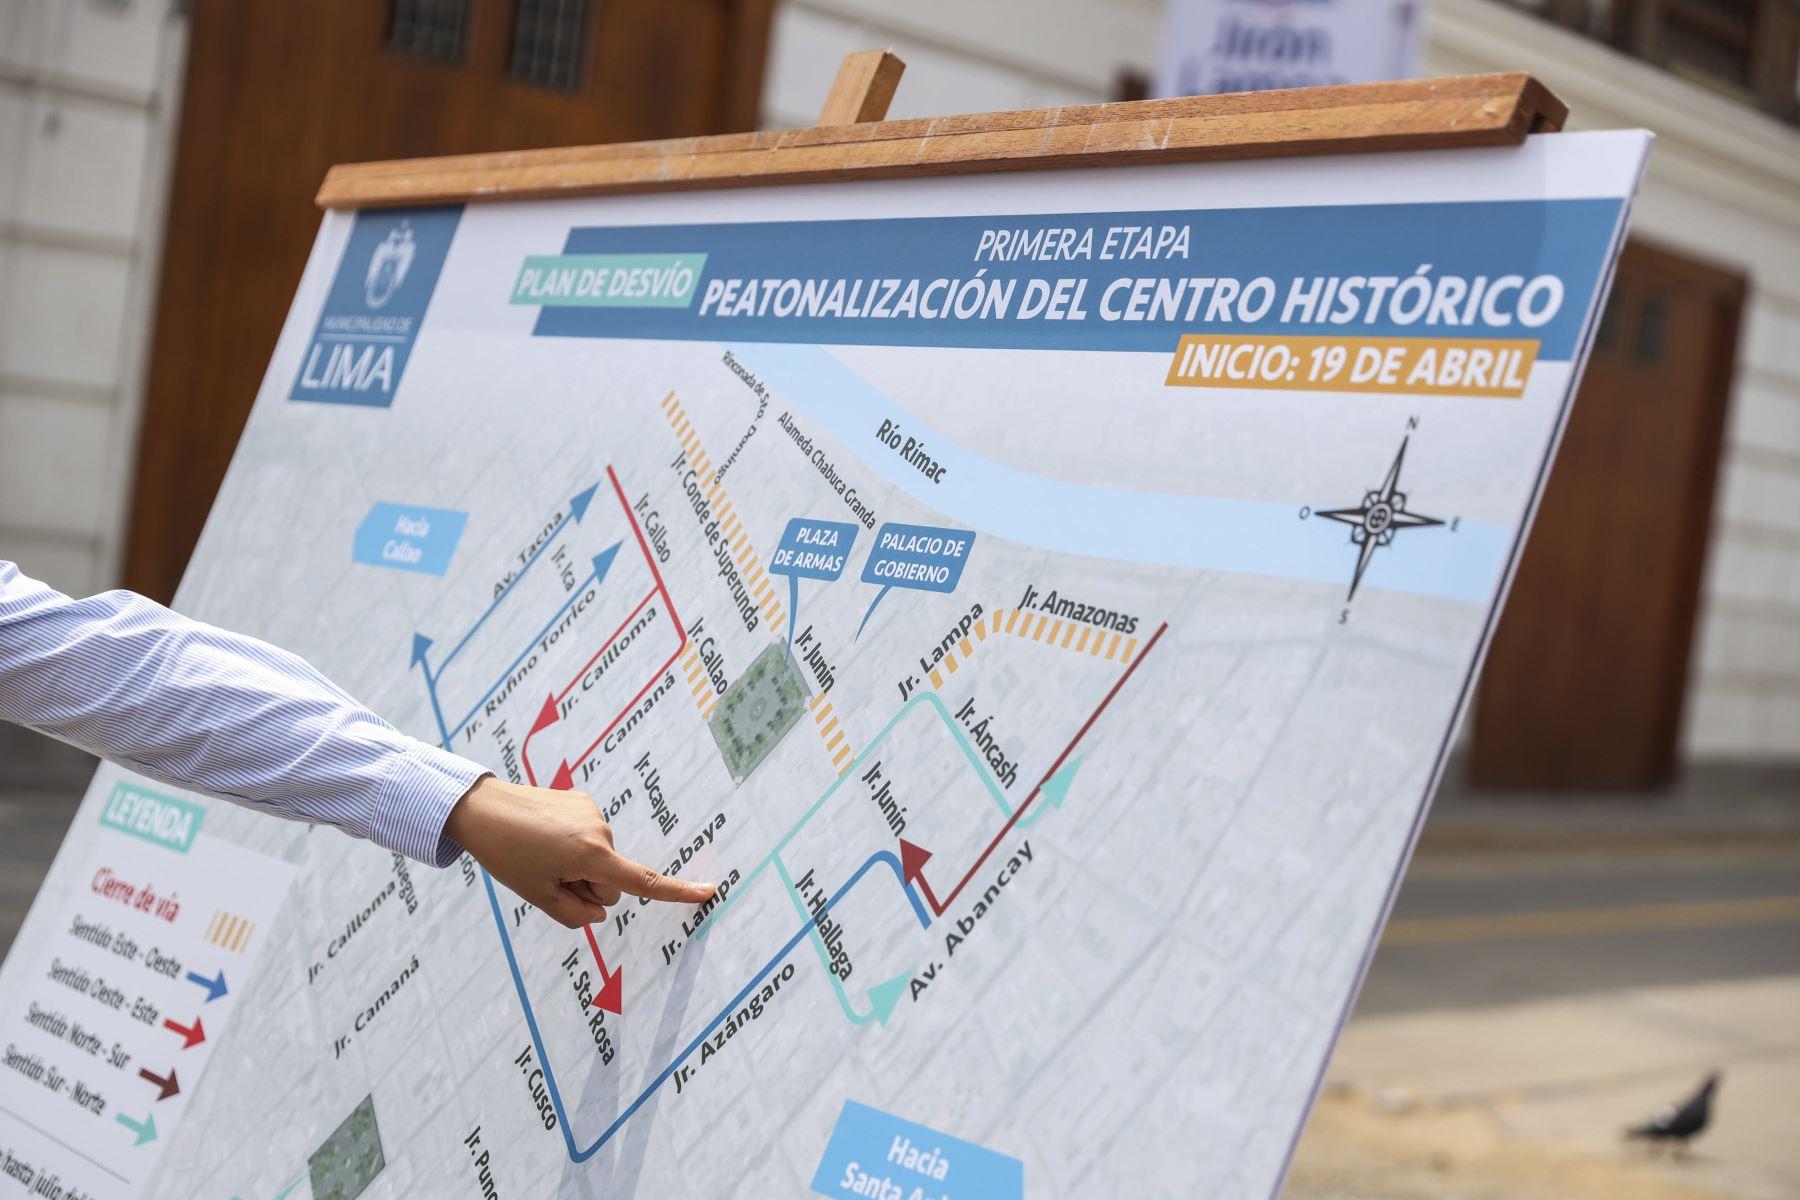 Municipalidad de Lima presentó plan de desvío por trabajos de peatonalización del Centro Histórico de Lima. Foto: ANDINA/Municipalidad de Lima